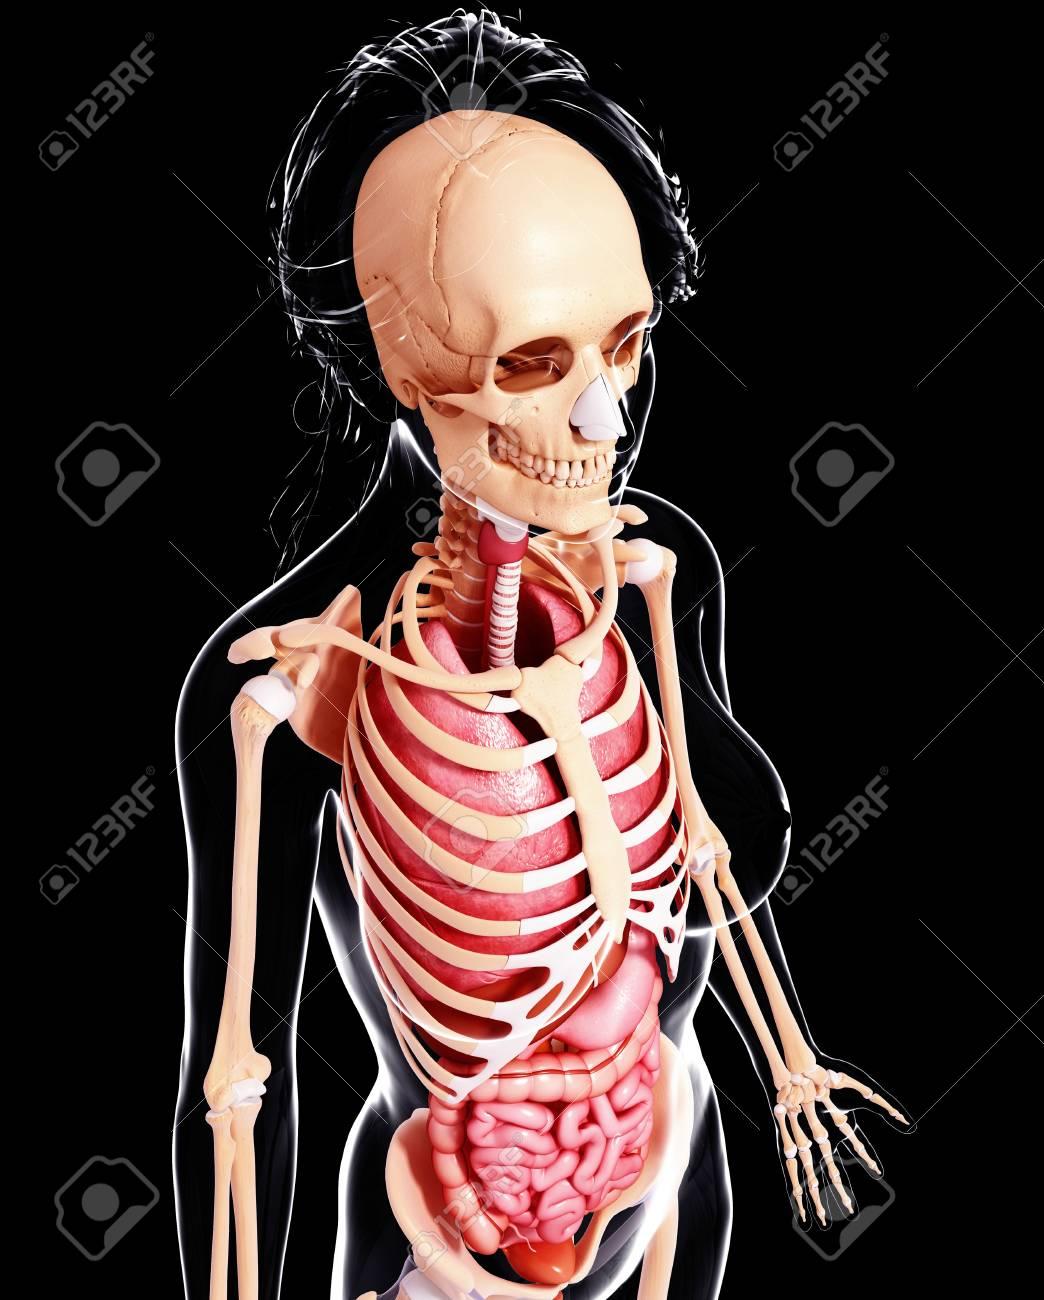 Groß Pic Der Weiblichen Anatomie Des Menschen Ideen - Menschliche ...